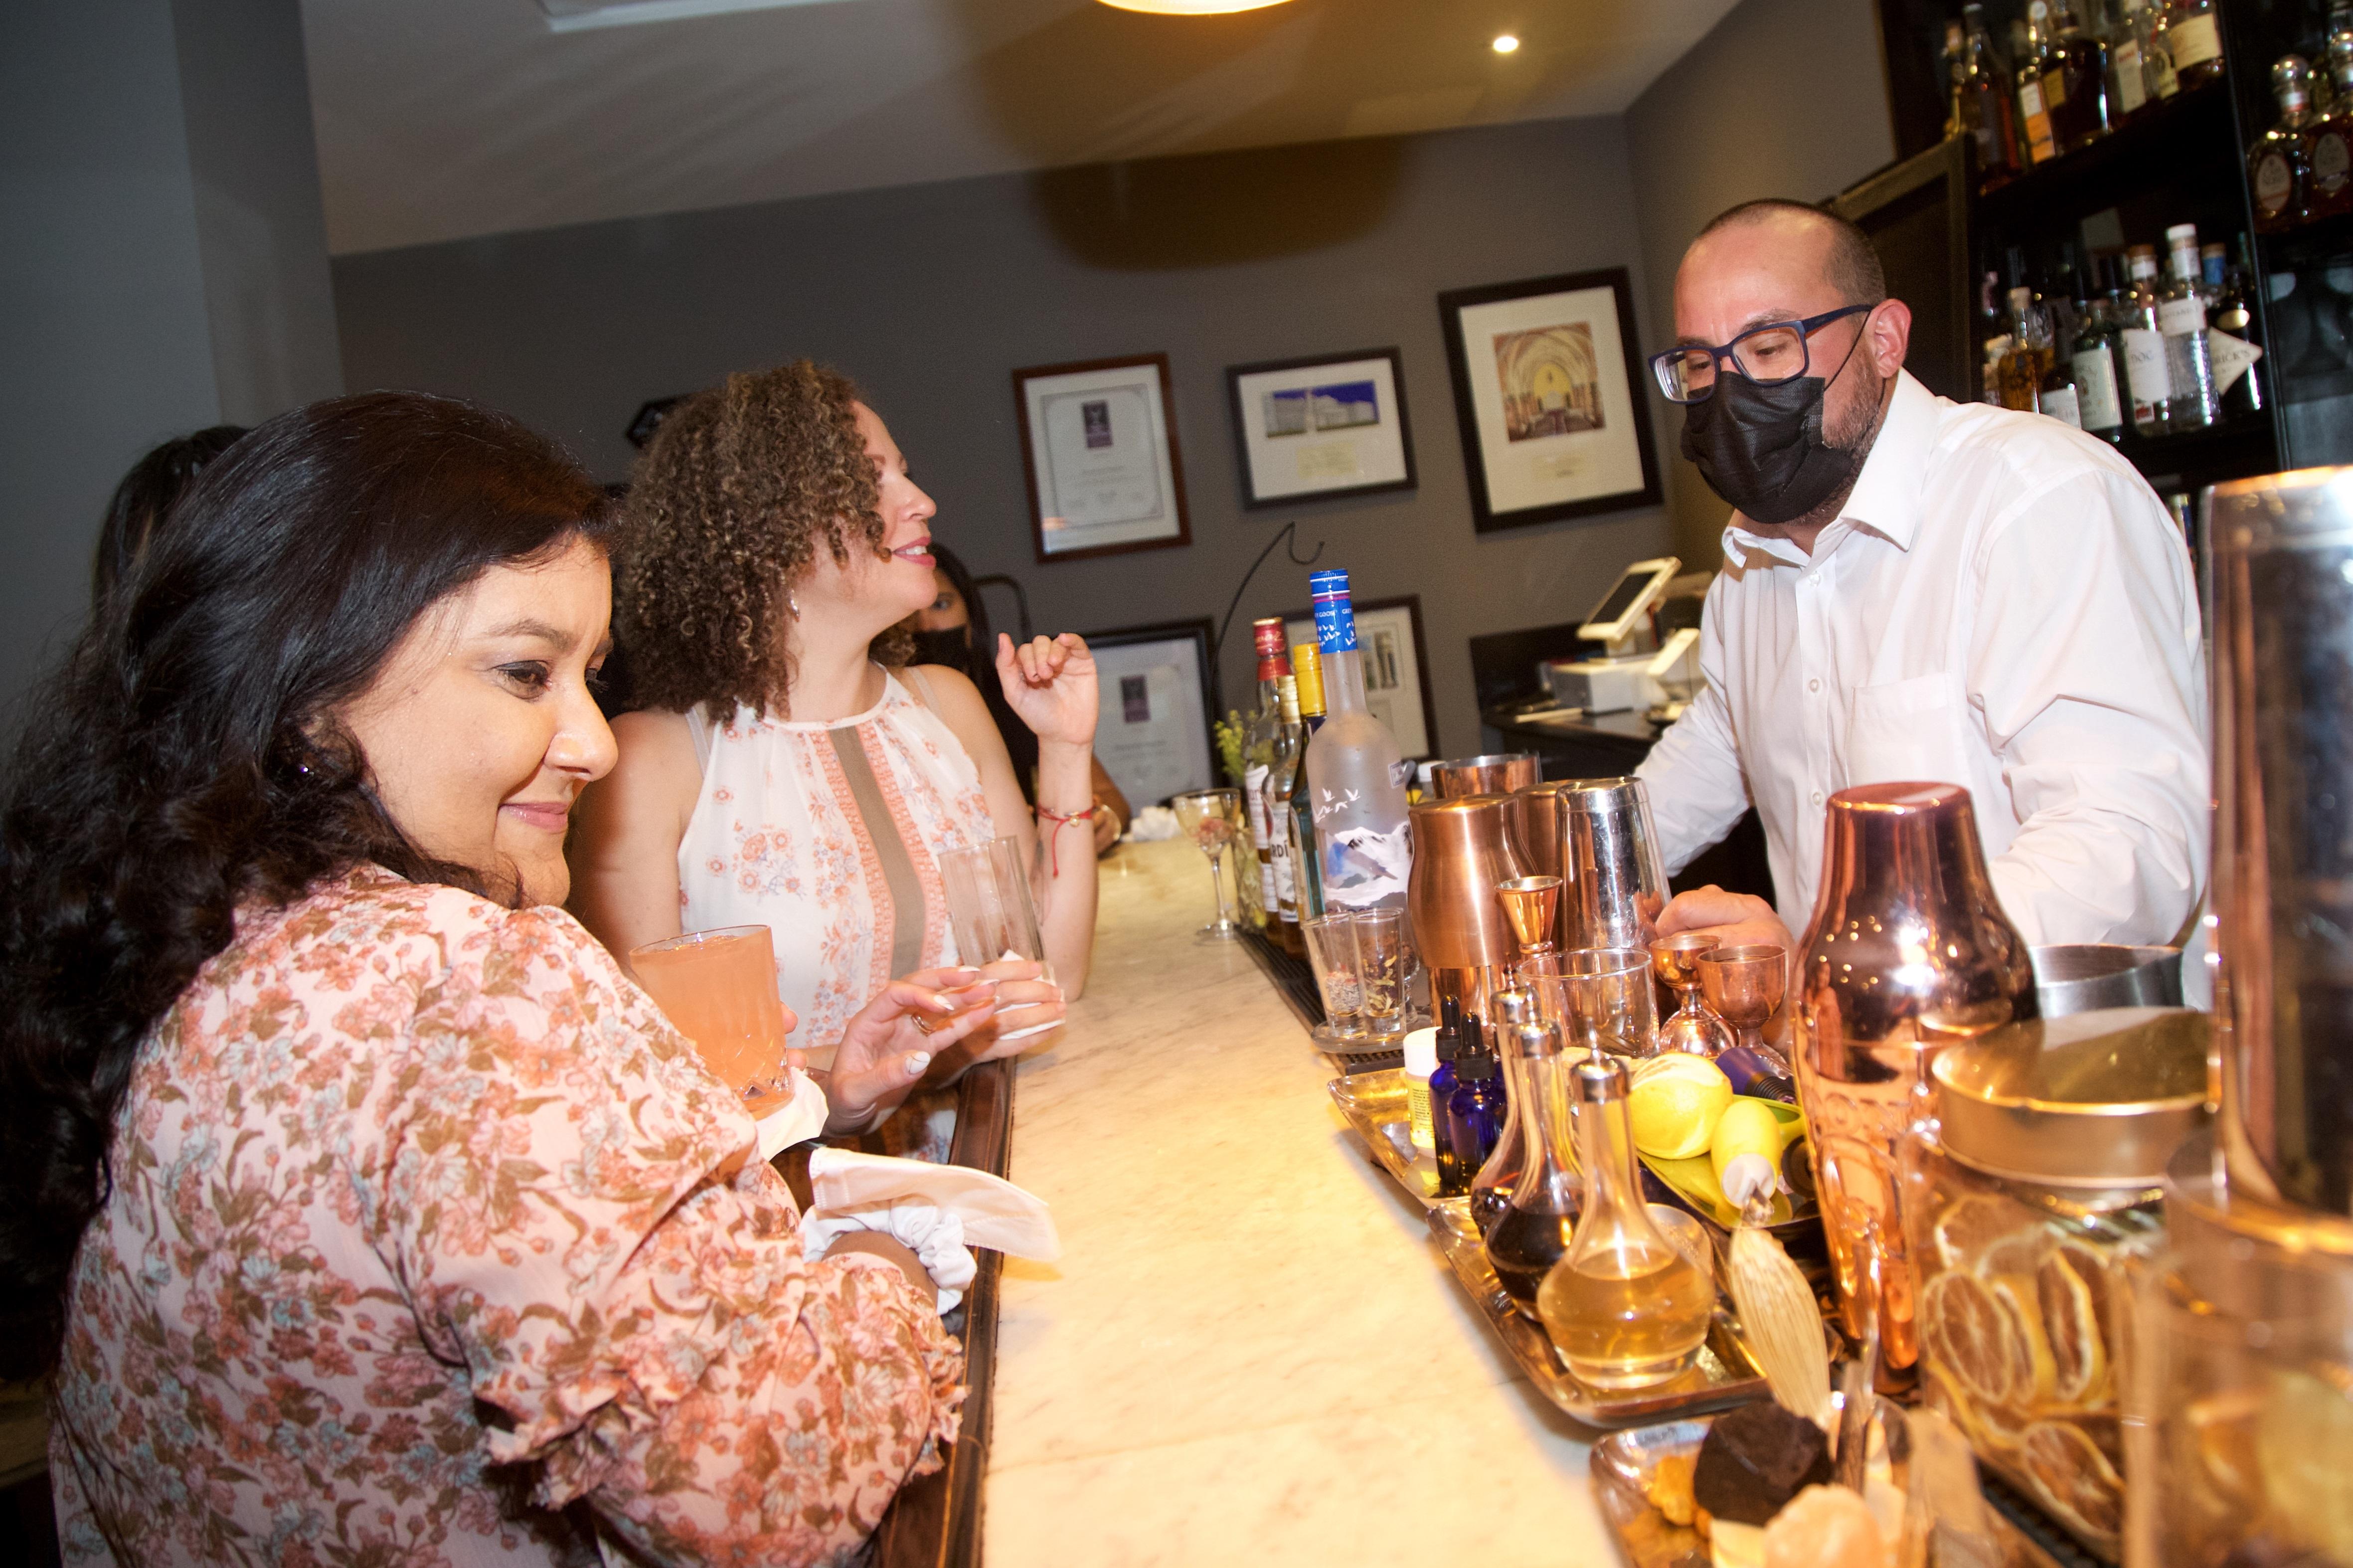 La actividad se llevó a cabo en el restaurante Ariel, en Miramar, donde el reconocido chef, Ariel Rodríguez, deleitó a los presentes con un exquisito menú que estuvo acompañado con cócteles presentados por Bacardí. (Nichole Saldarriaga)